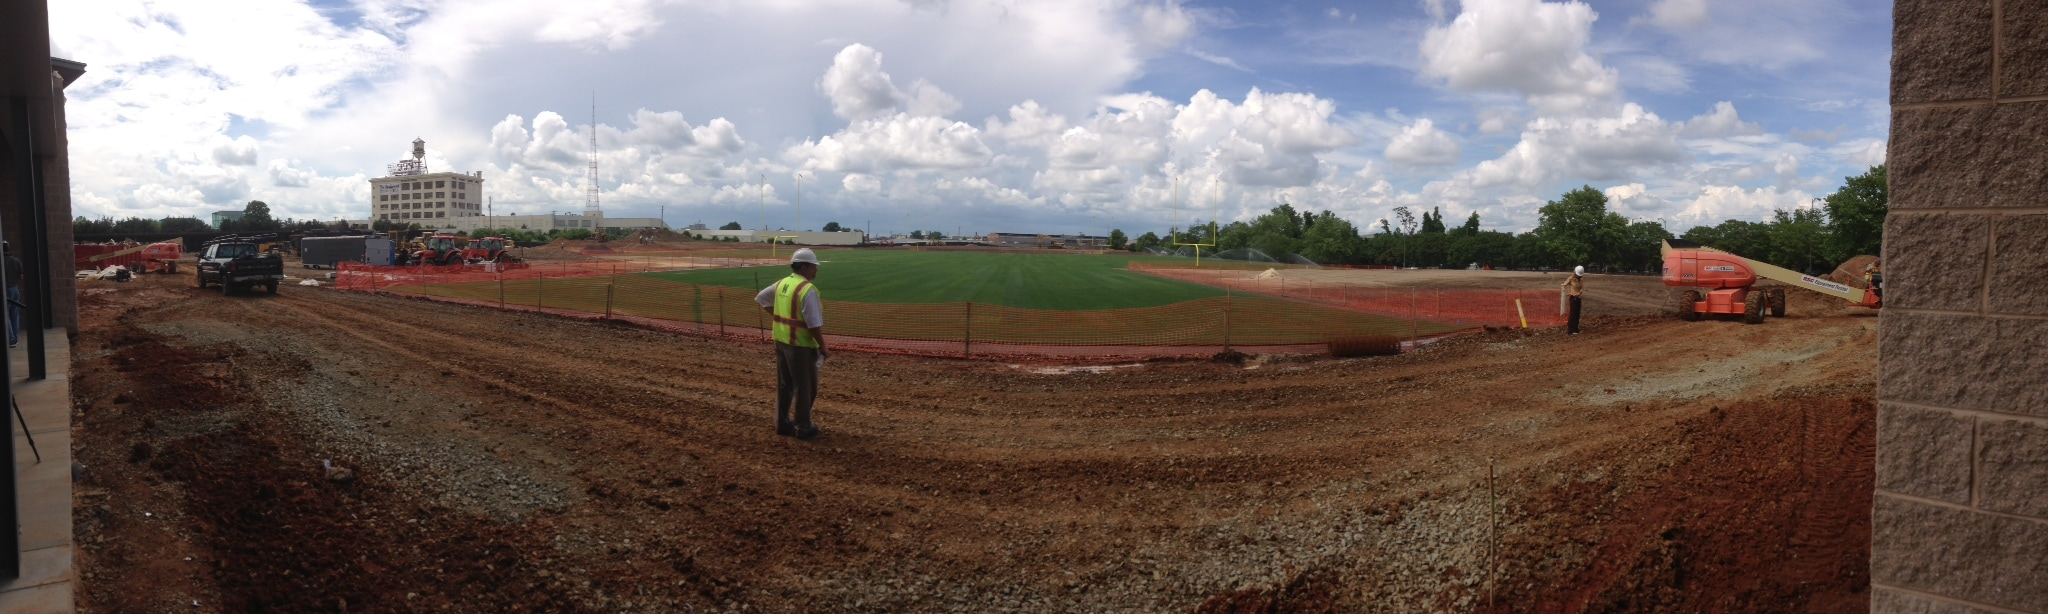 Redskins training camp facility